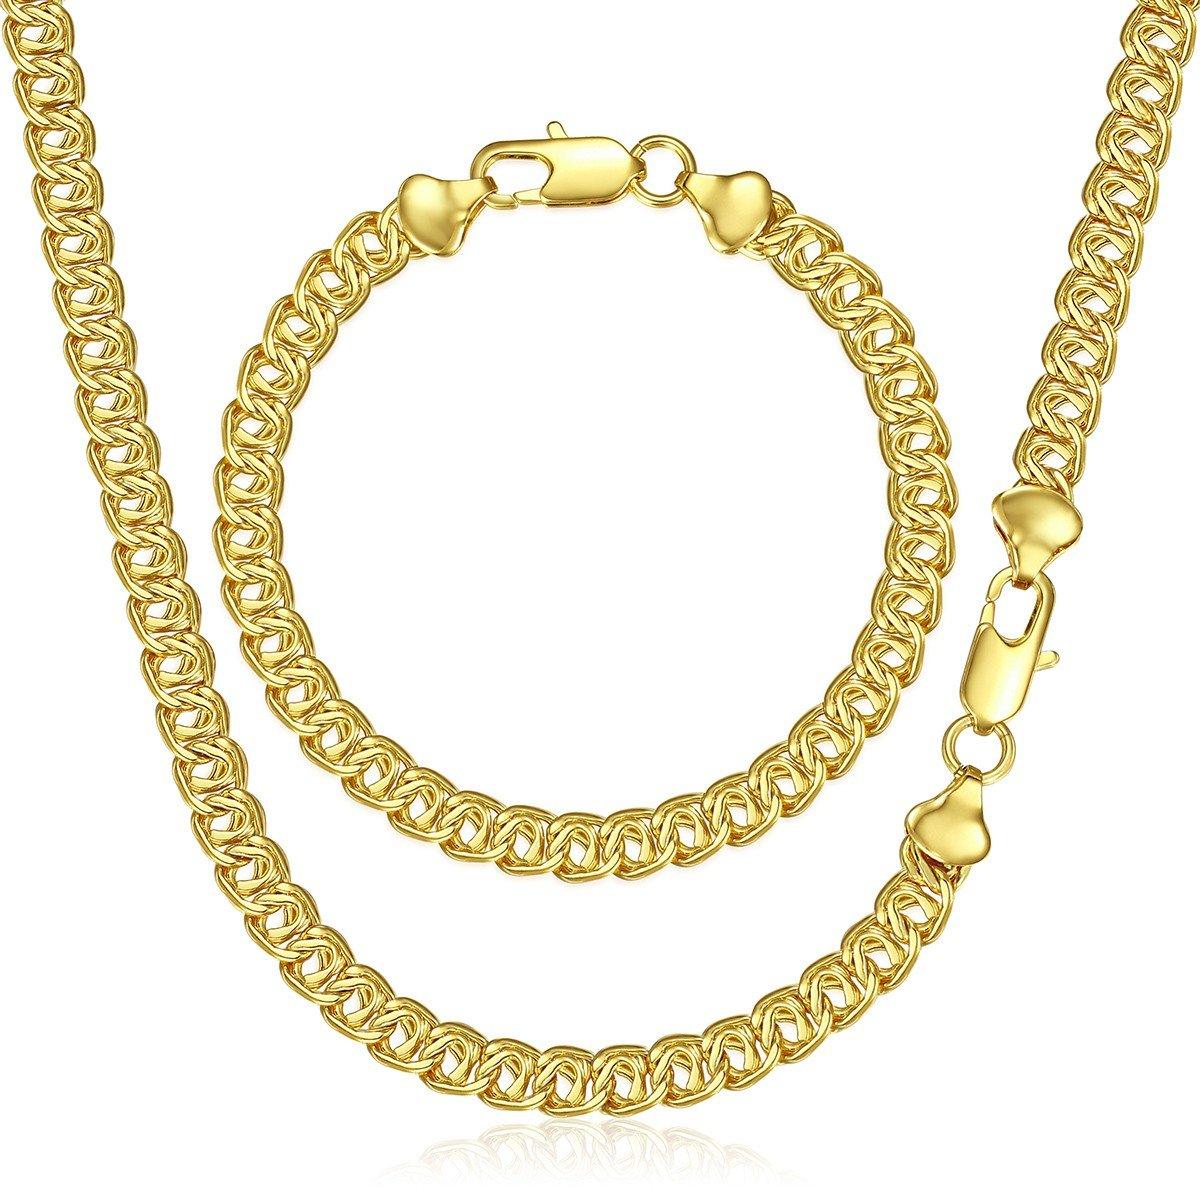 Trendsmax Insieme dei monili del braccialetto della collana delle donne degli uomini Oro riempito Catena GF Link di lumache 7mm GS269_718B